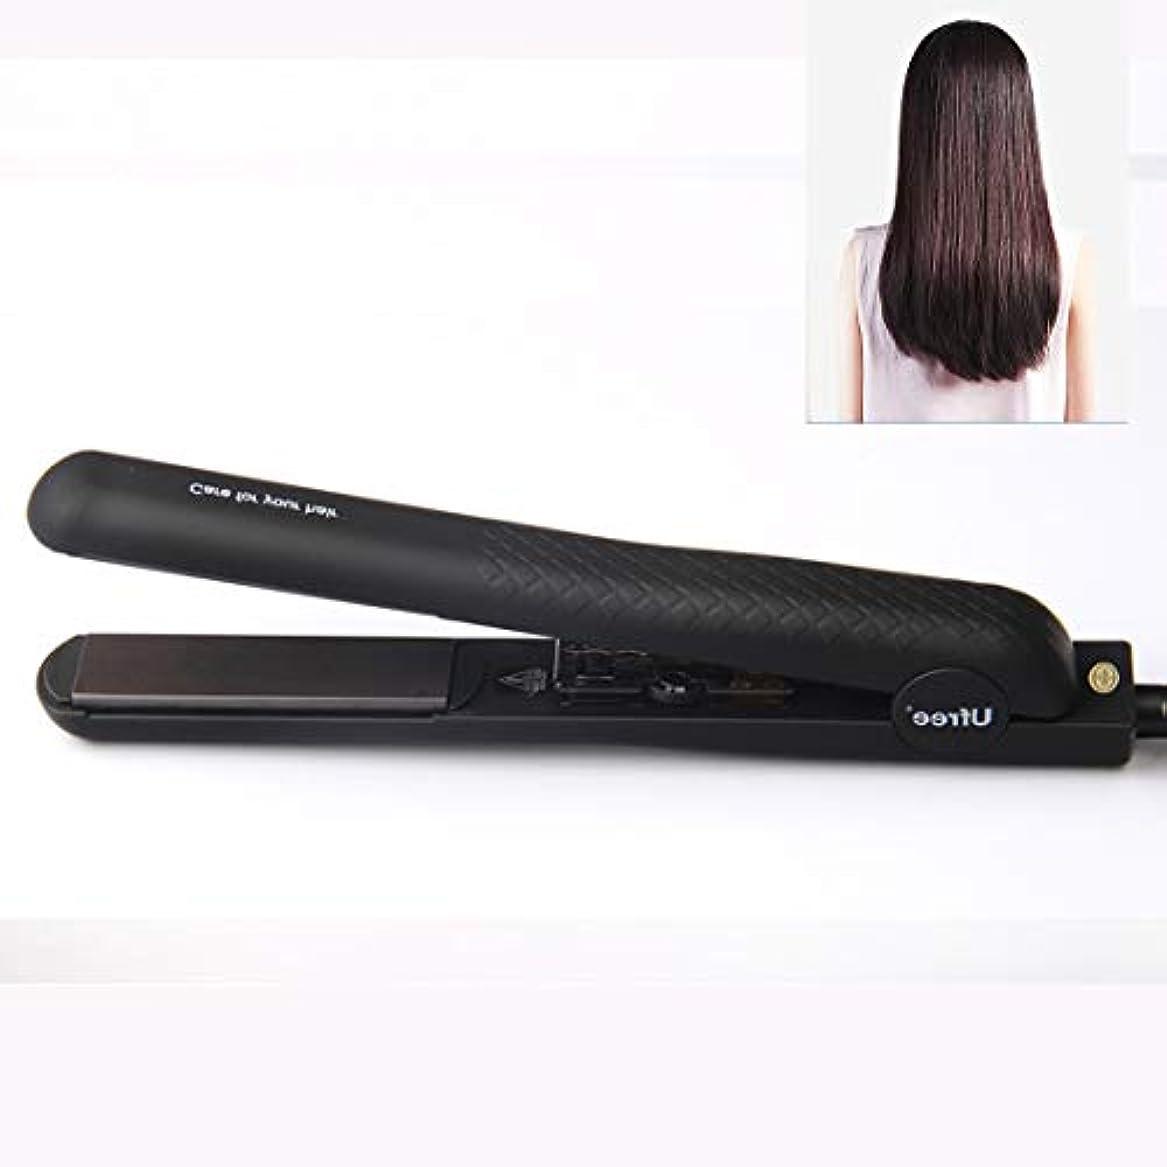 ビジョン決めます爆発MEI1JIA Ufree U-330セラミックプレート調節可能な温度ストレートヘアアイロン電気合板理髪ツール髪用、EUプラグ(ブラック) (色 : Black)